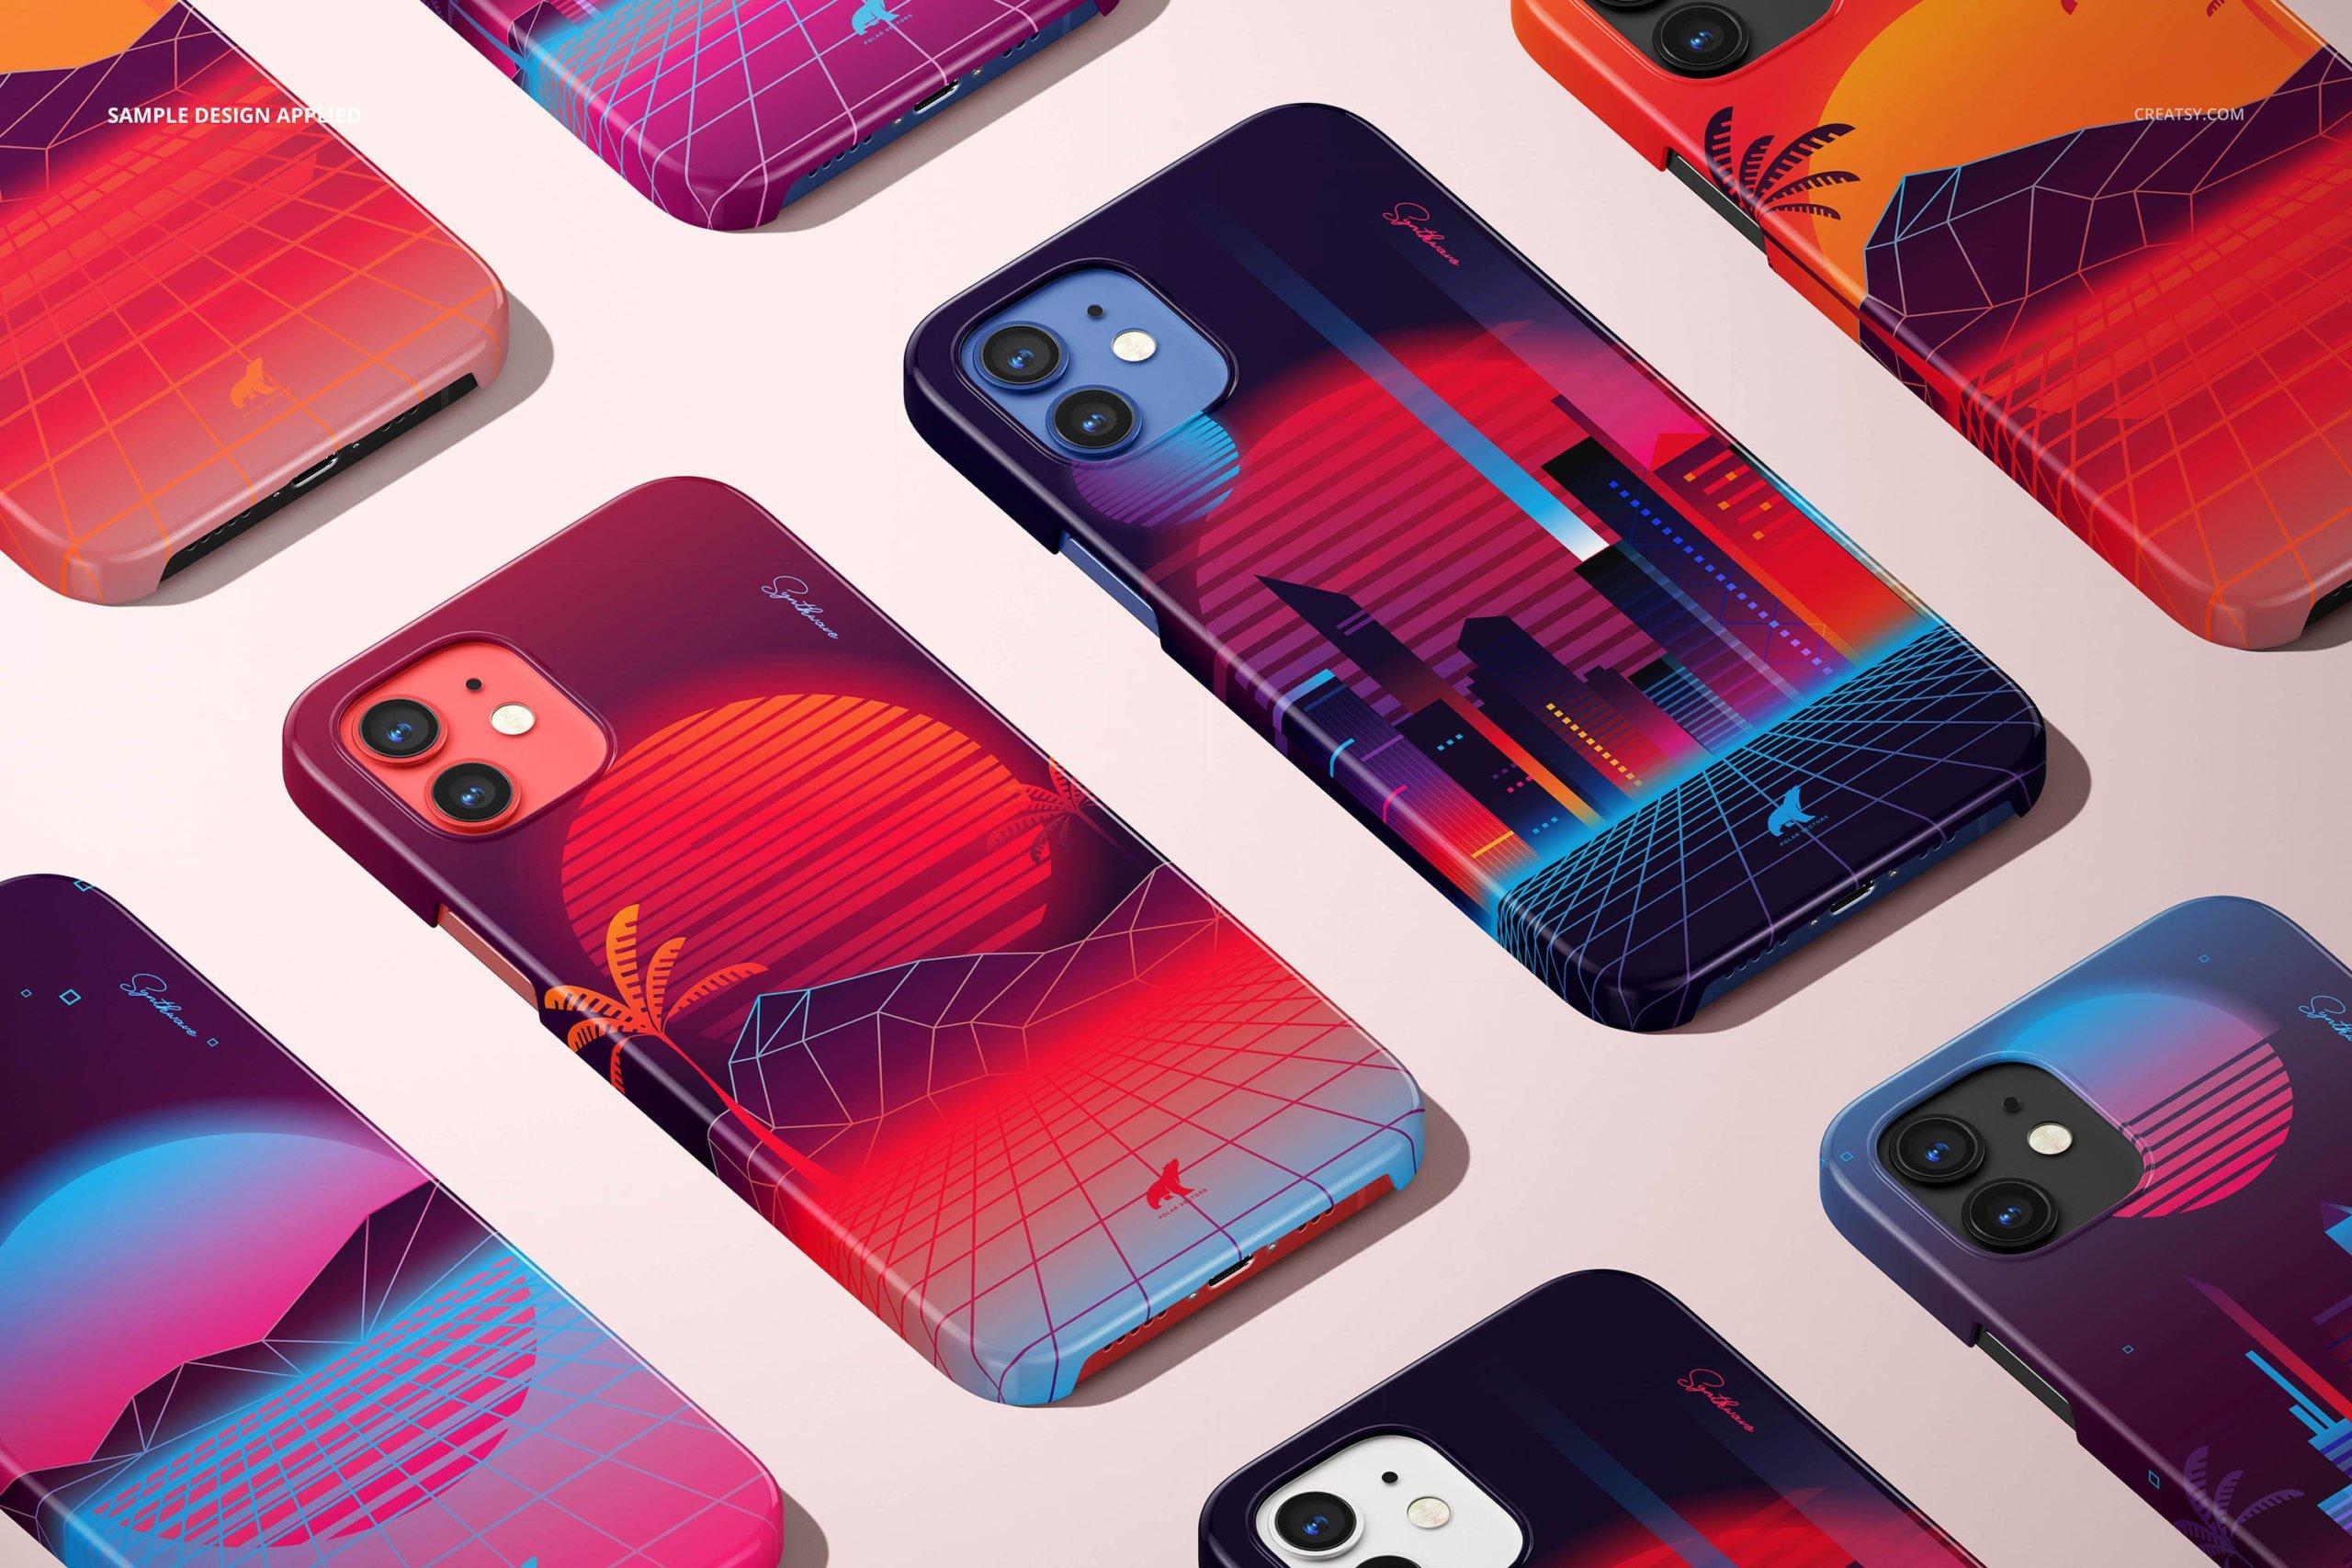 [单独购买] 26款时尚光滑苹果iPhone 12手机保护壳设计PS贴图样机模板素材 iPhone 12 Glossy Snap Case 1 Mockup插图18